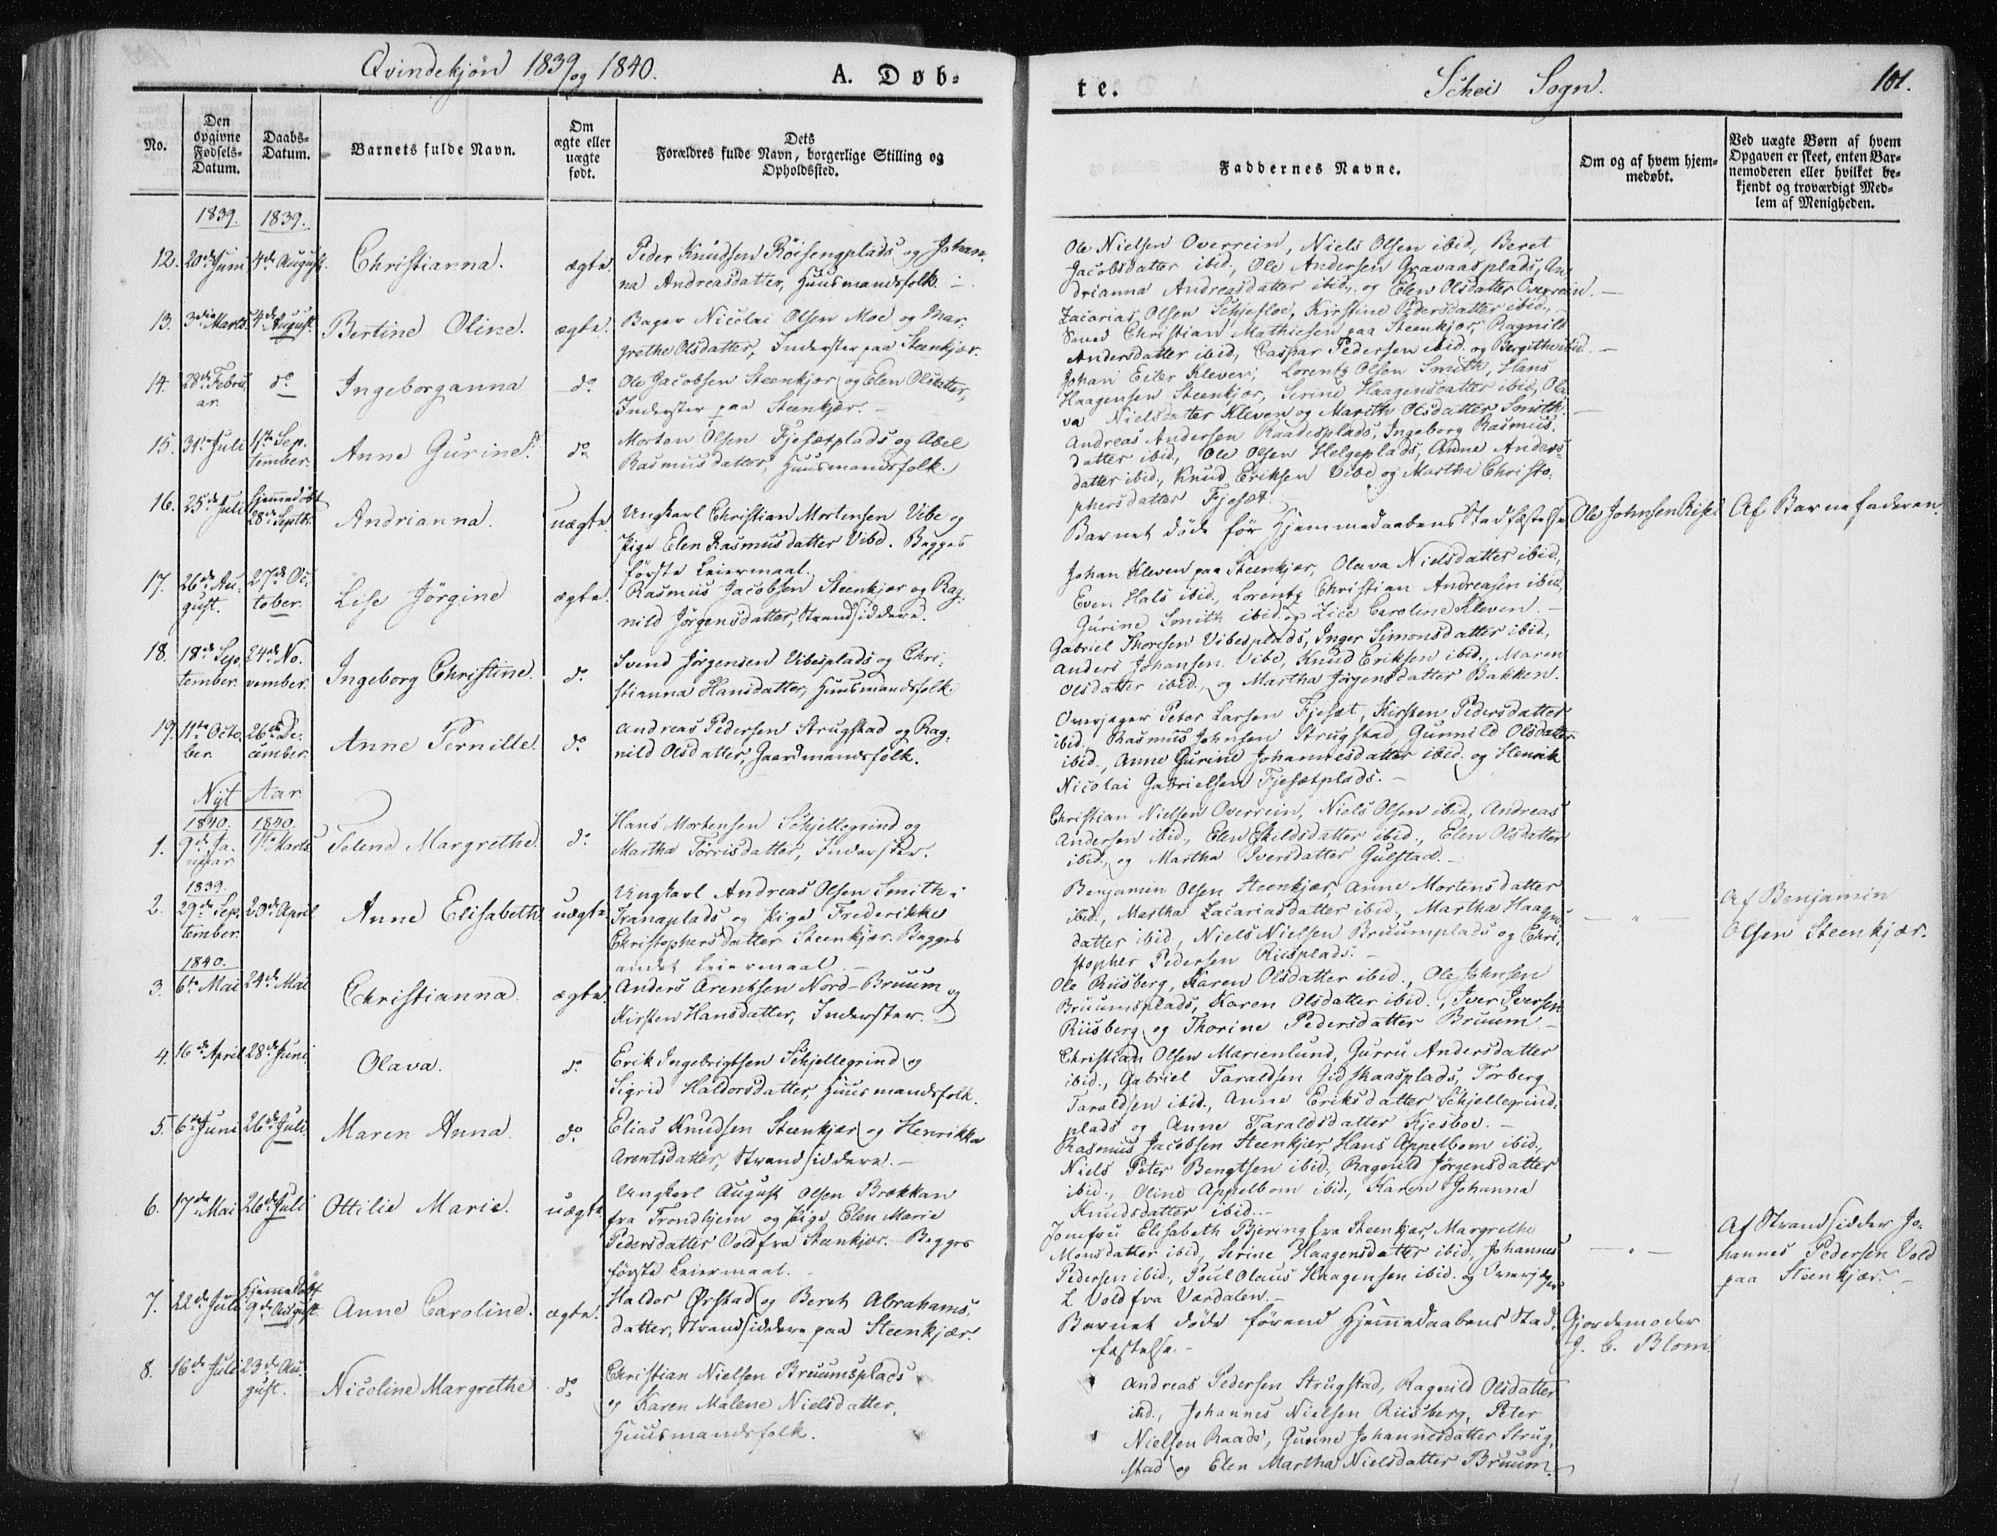 SAT, Ministerialprotokoller, klokkerbøker og fødselsregistre - Nord-Trøndelag, 735/L0339: Ministerialbok nr. 735A06 /2, 1836-1848, s. 101